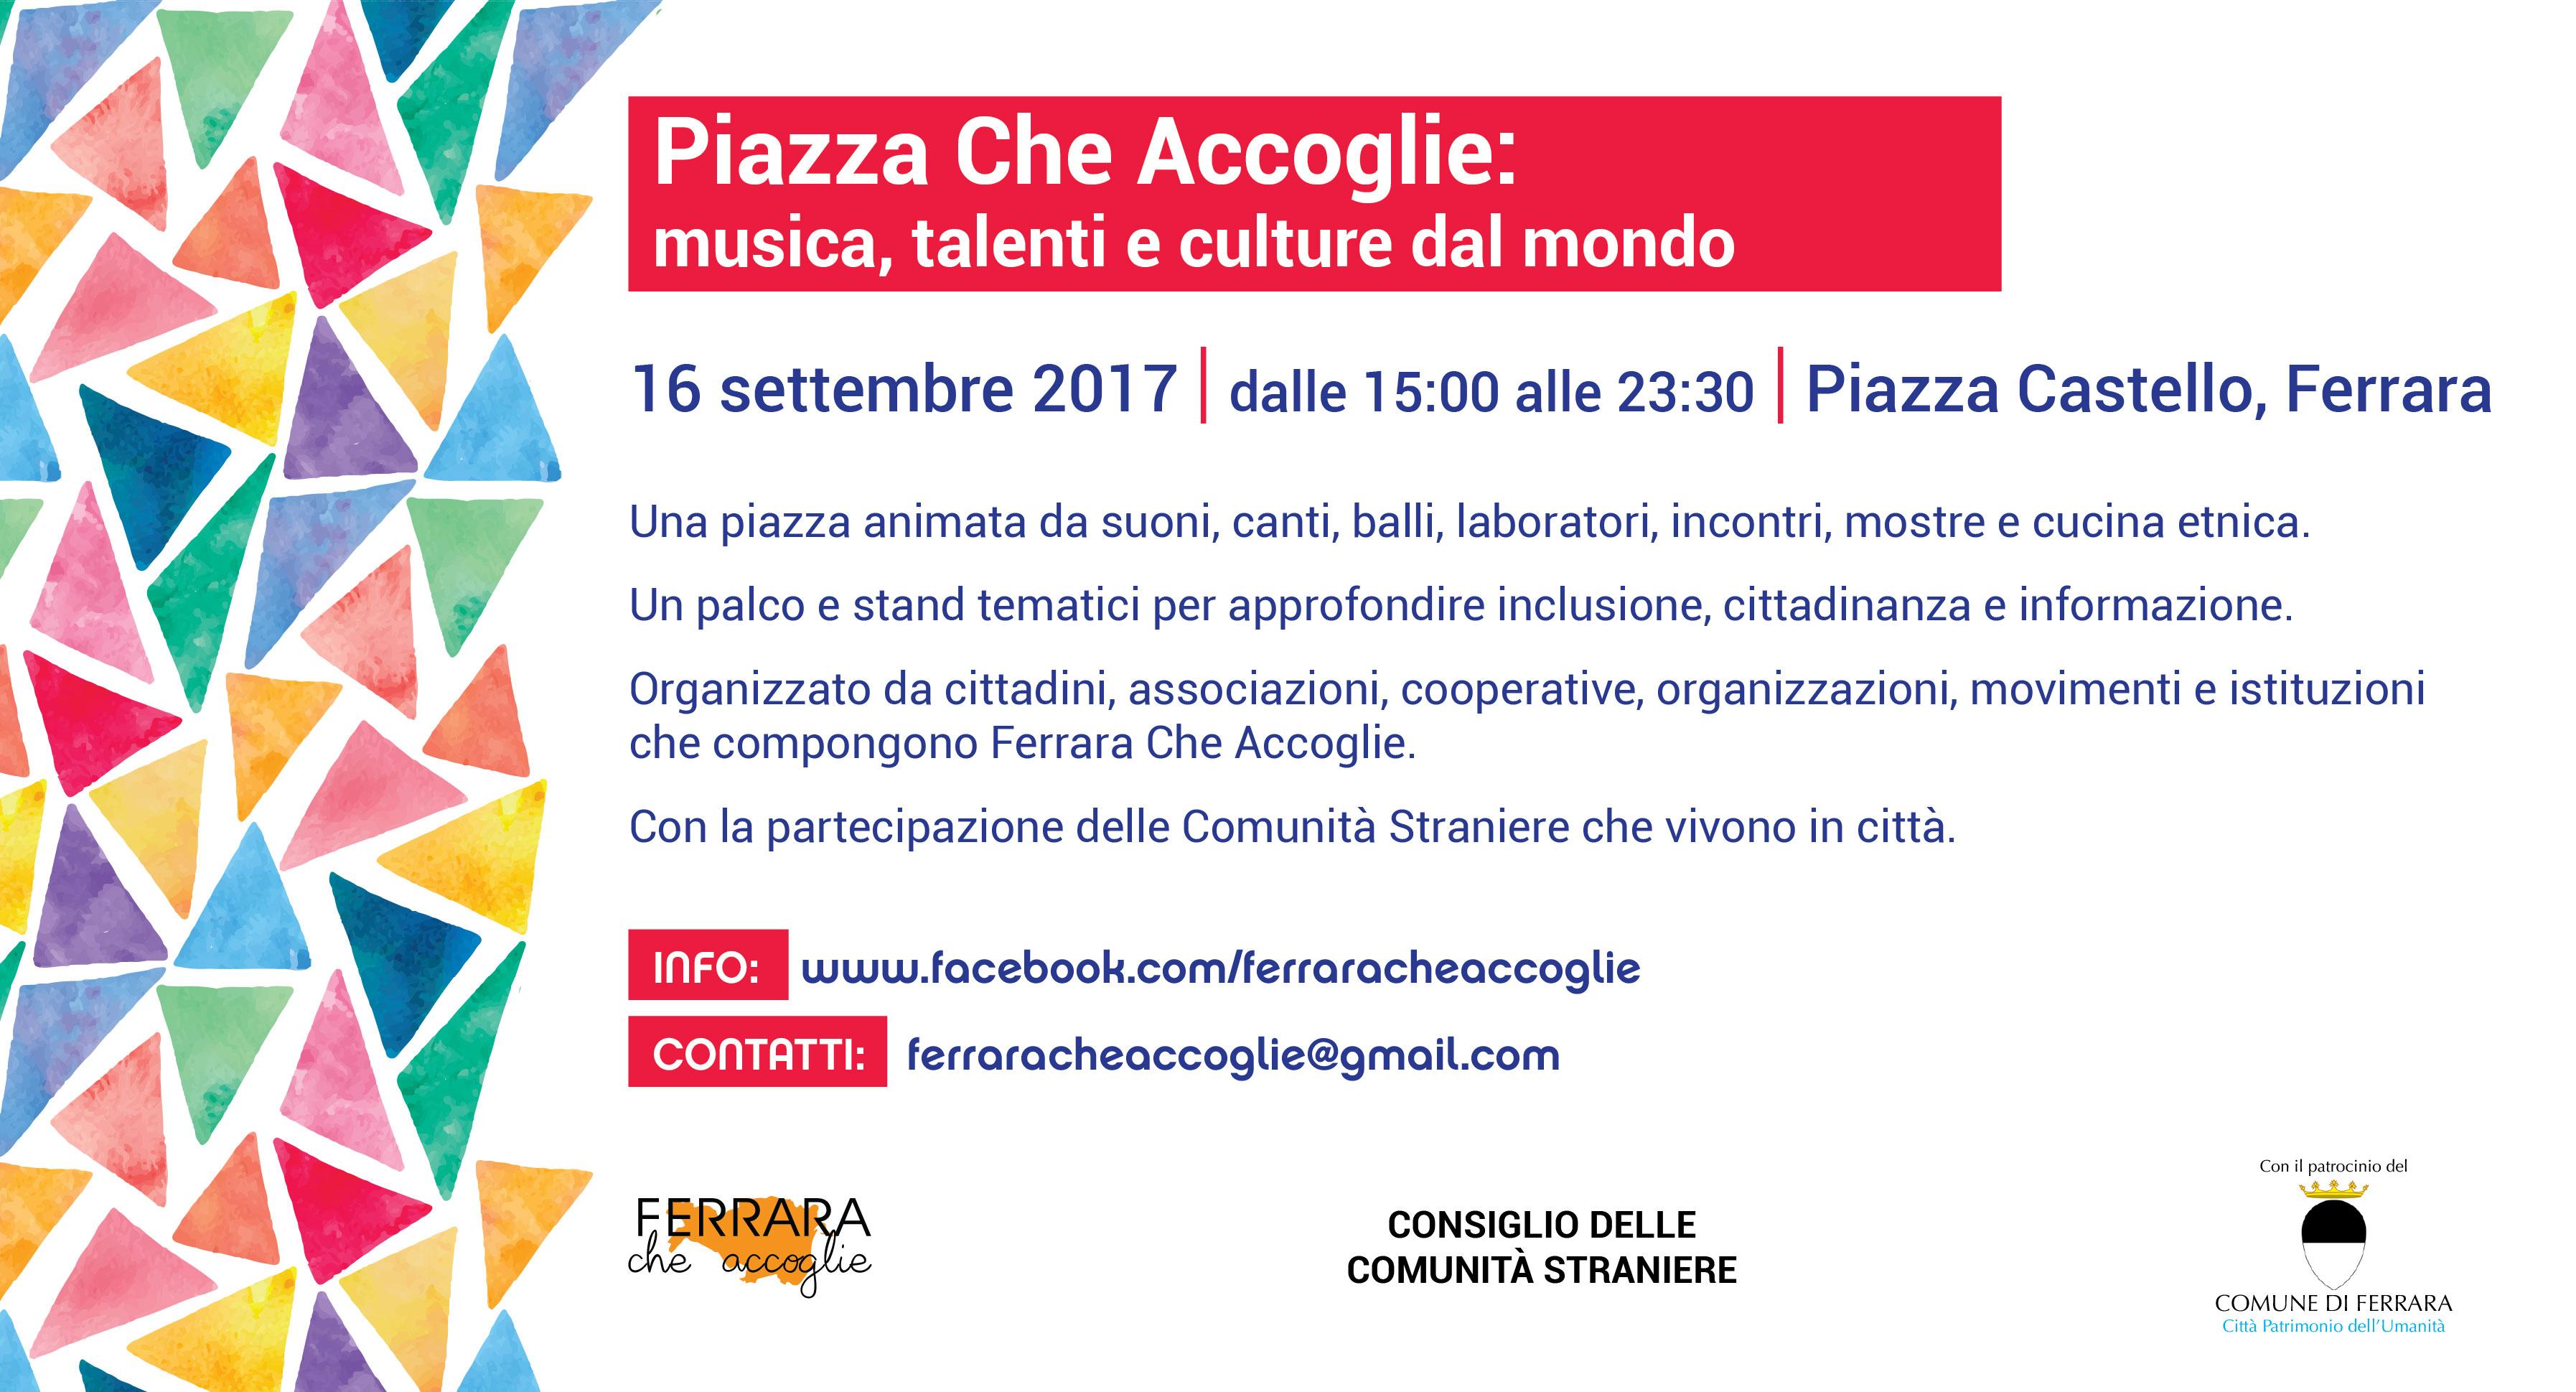 Piazza che accoglie: musiche, talenti e culture dal mondo